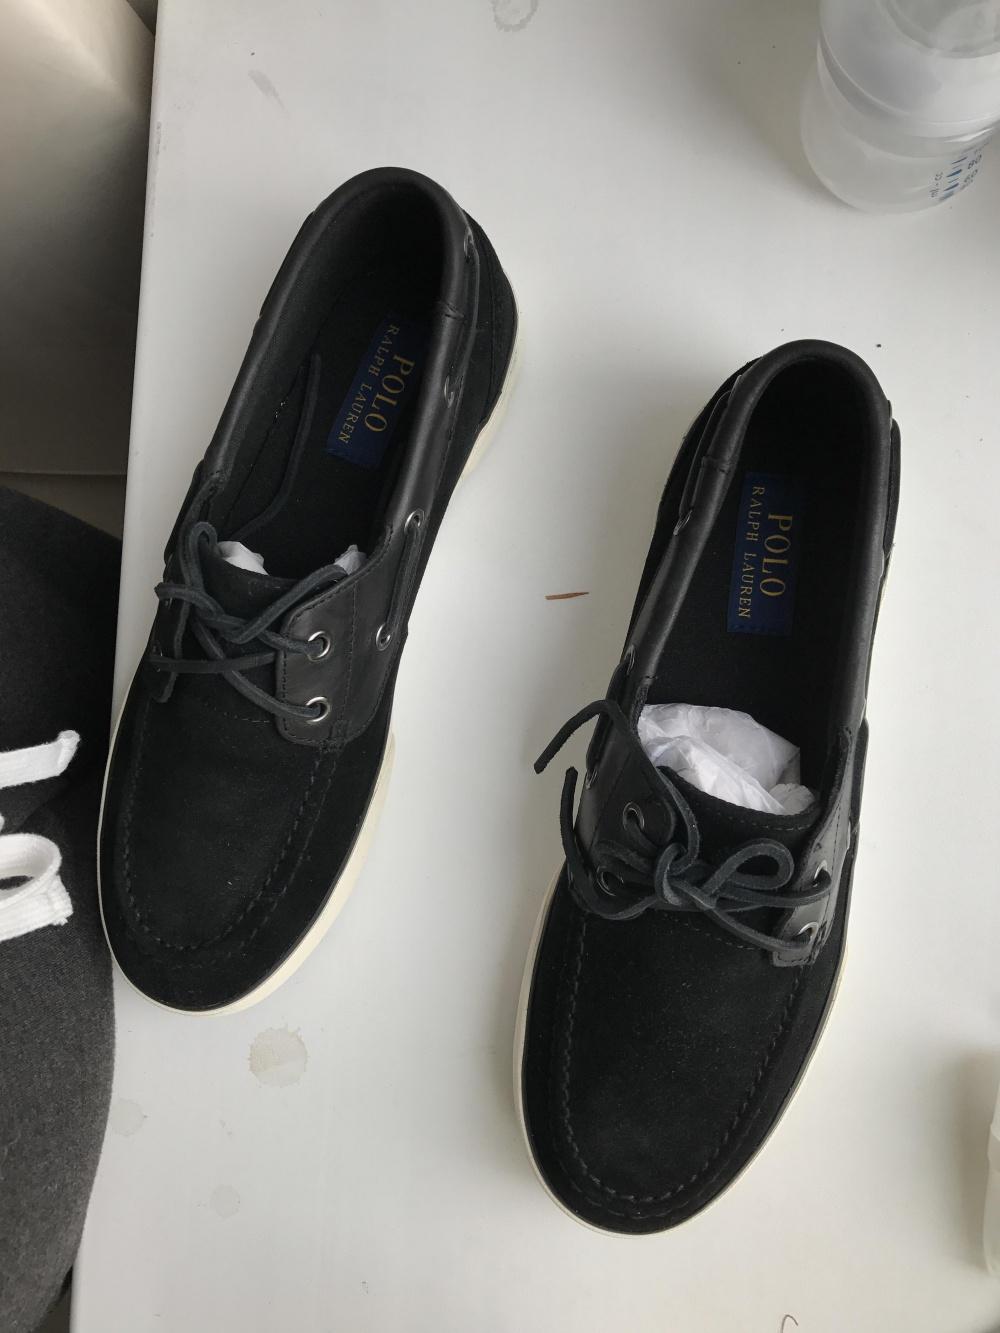 Кеды топсайдеры Ralph Lauren, размер 8.5 американский мужской